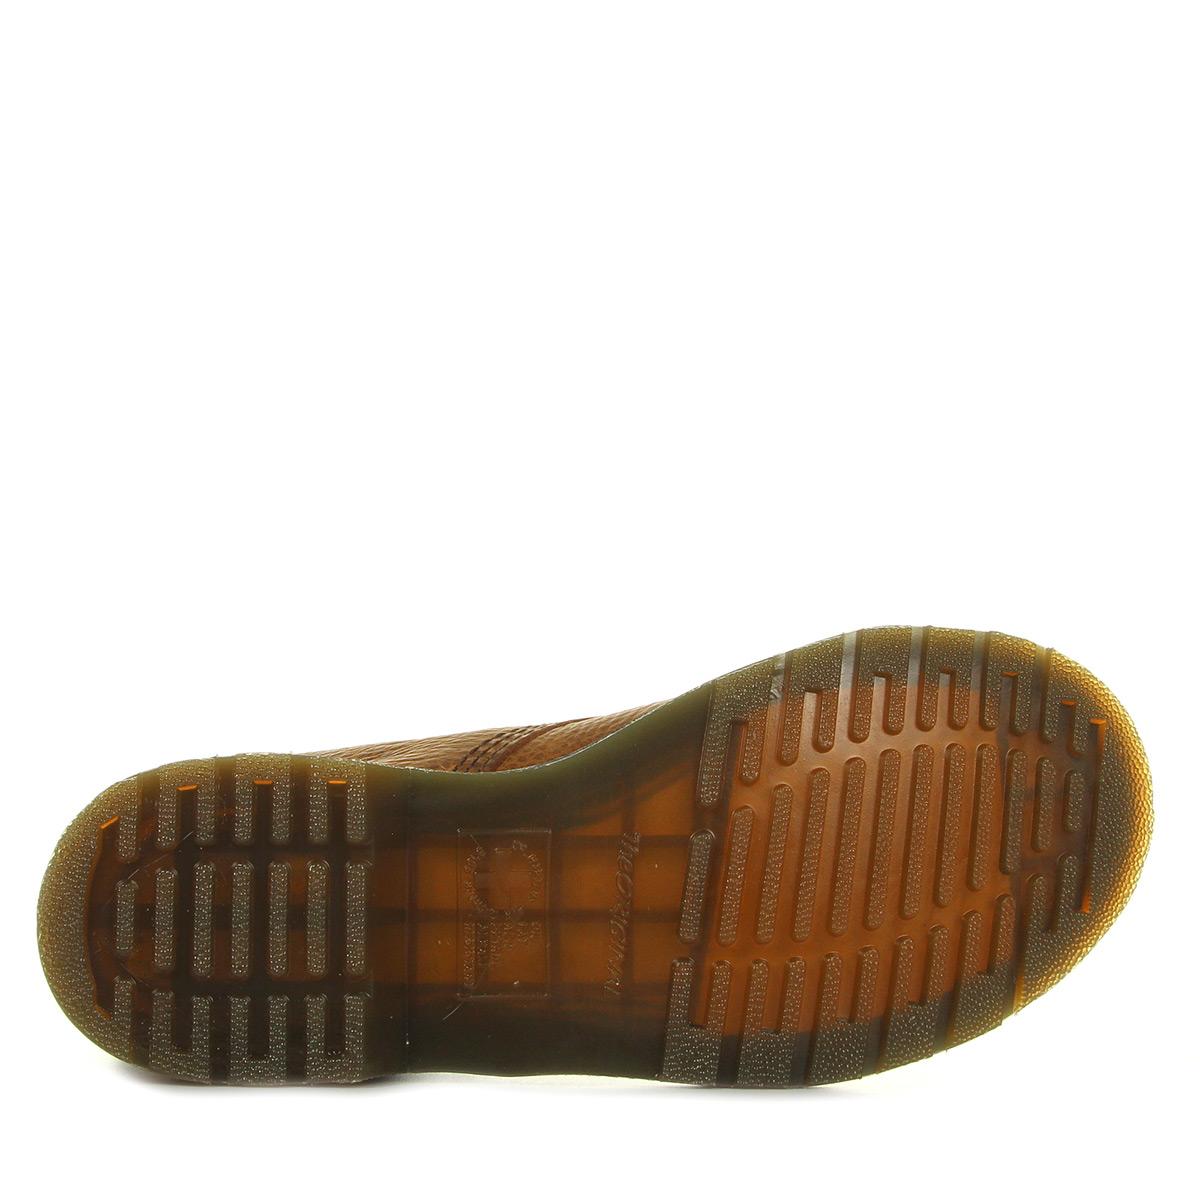 Dr. Martens Aimilita Fl Tan Grizzly 22693220, Boots